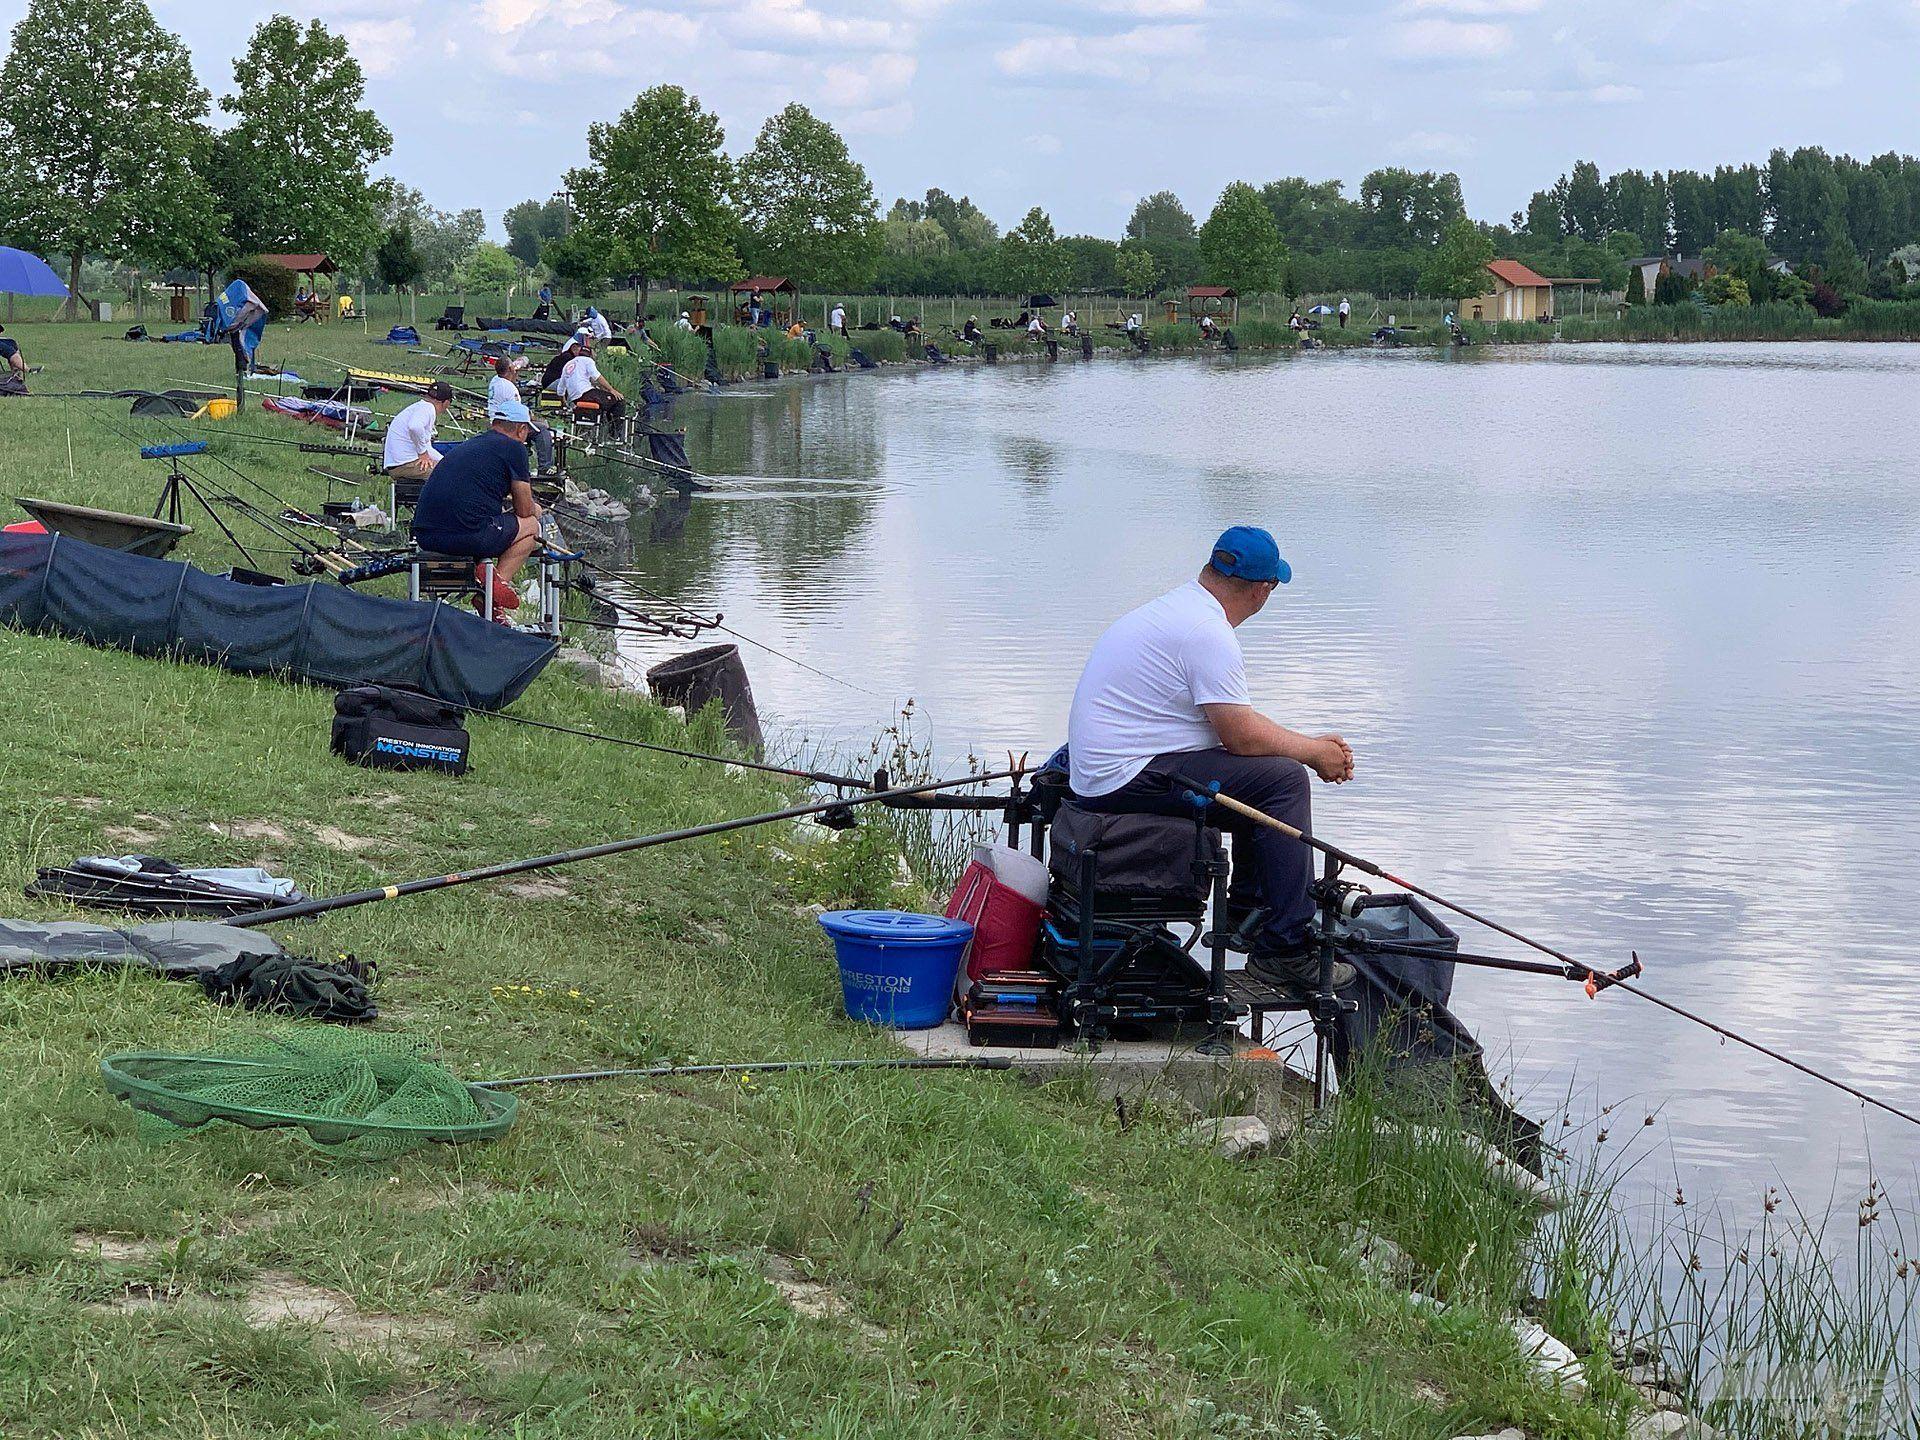 Az év során több saját horgászversenyt is rendezünk, de amire büszkék vagyunk, hogy a Method Országos Bajnokság egyik előselejtezőjének is mi biztosítottuk a helyszínt